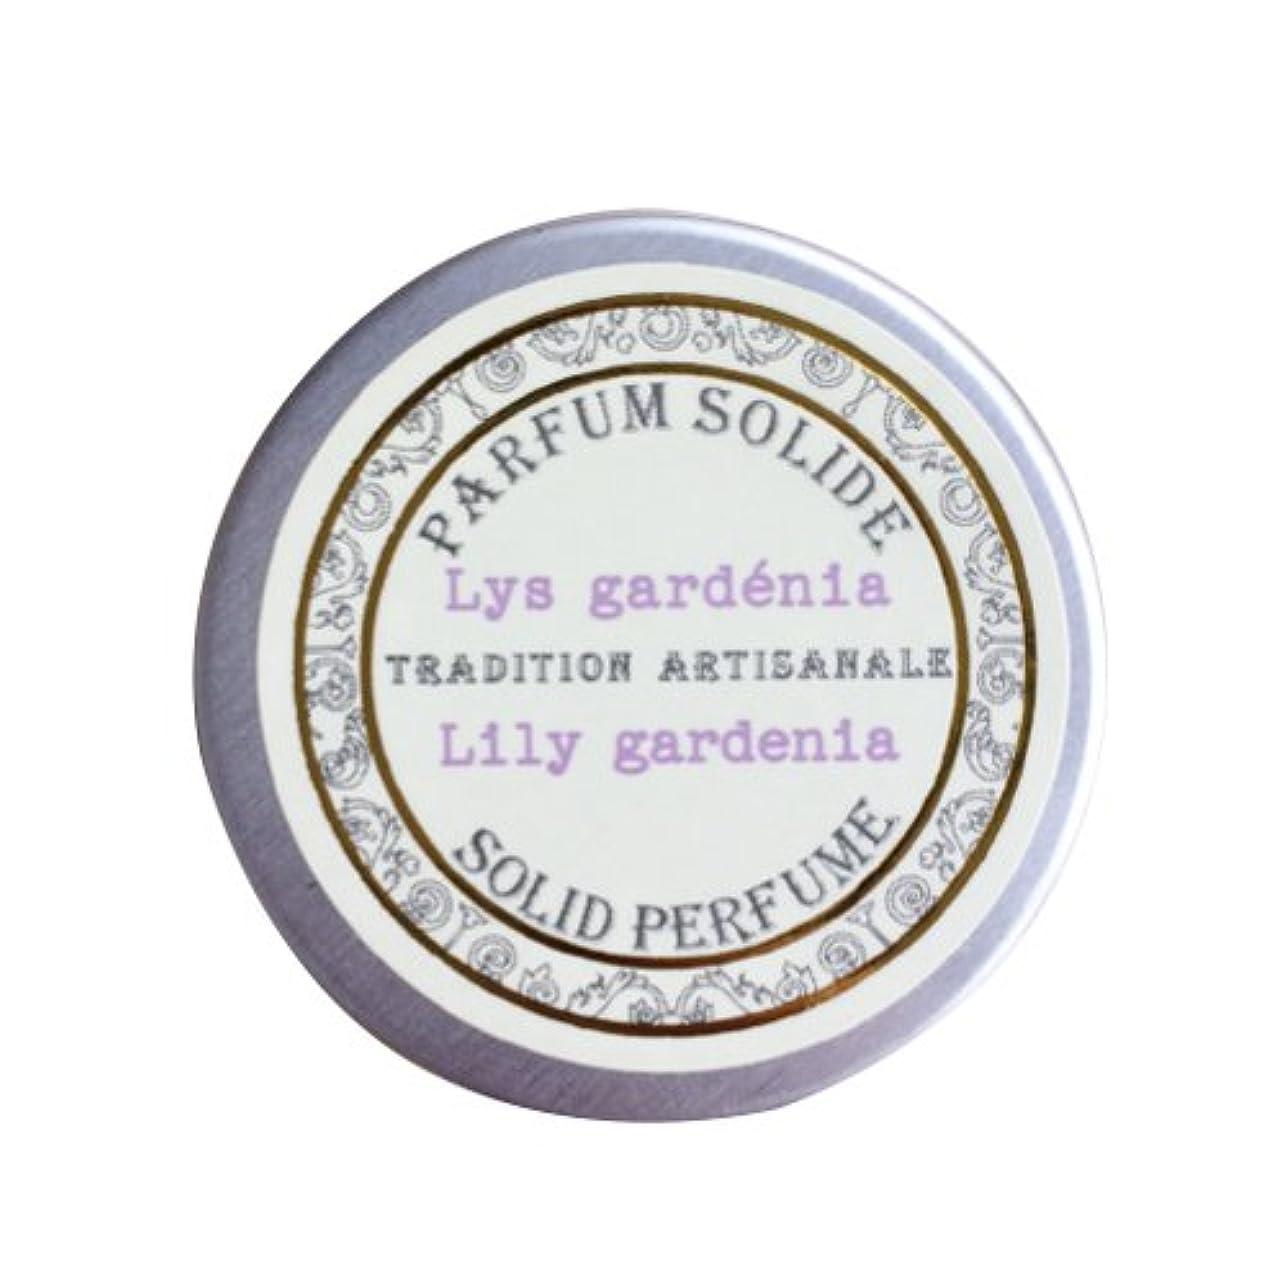 ブローホール勉強する舌Senteur et Beaute(サンタールエボーテ) フレンチクラシックシリーズ 練り香水 10g 「リリーガーデニア」 4994228023070